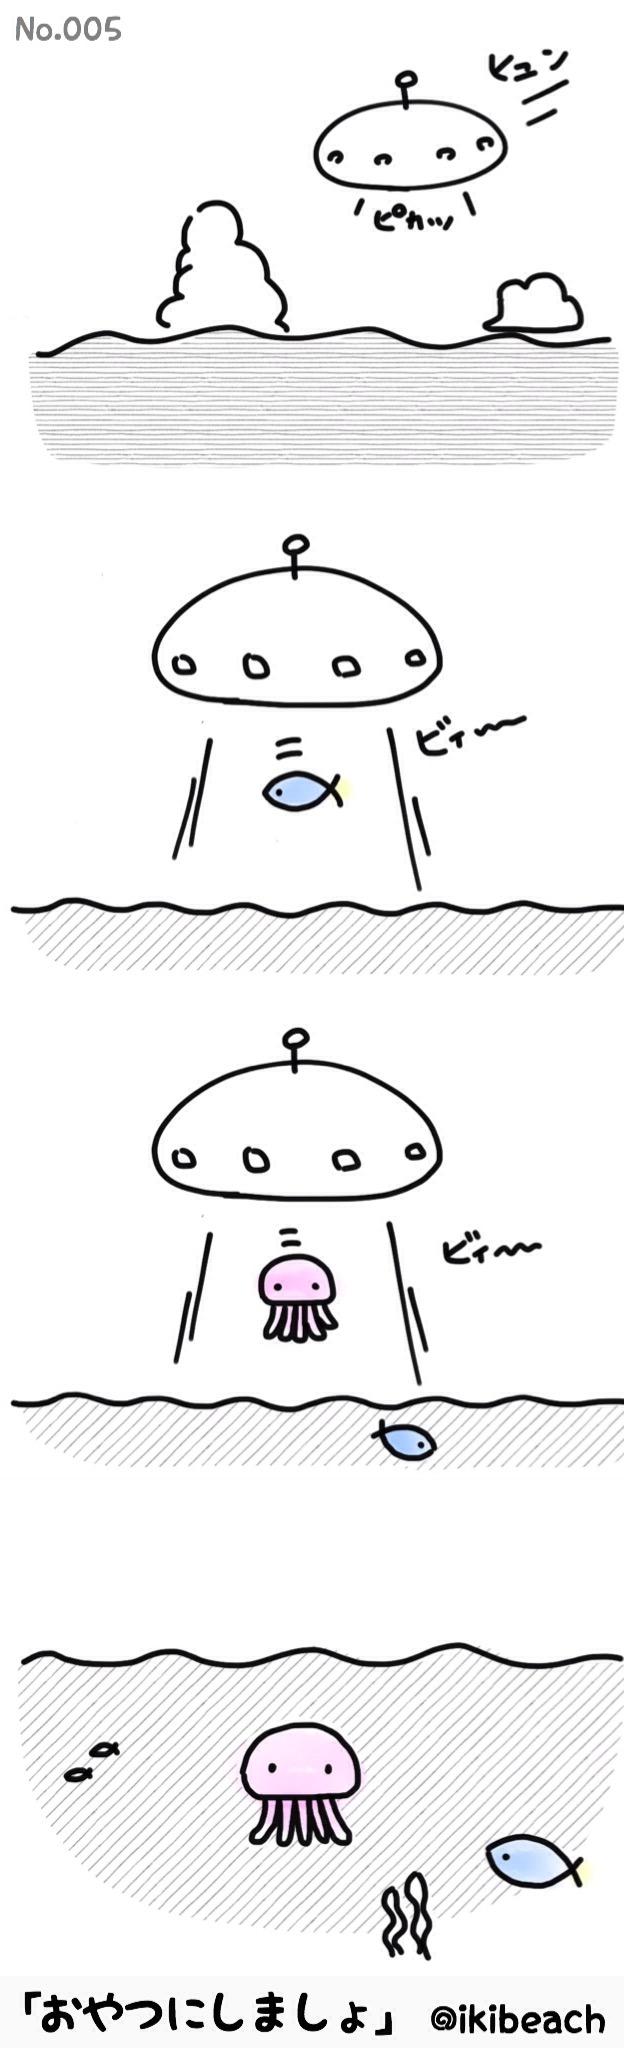 コバルト漫画「お魚だもの。」No.005『おやつにしましょ』